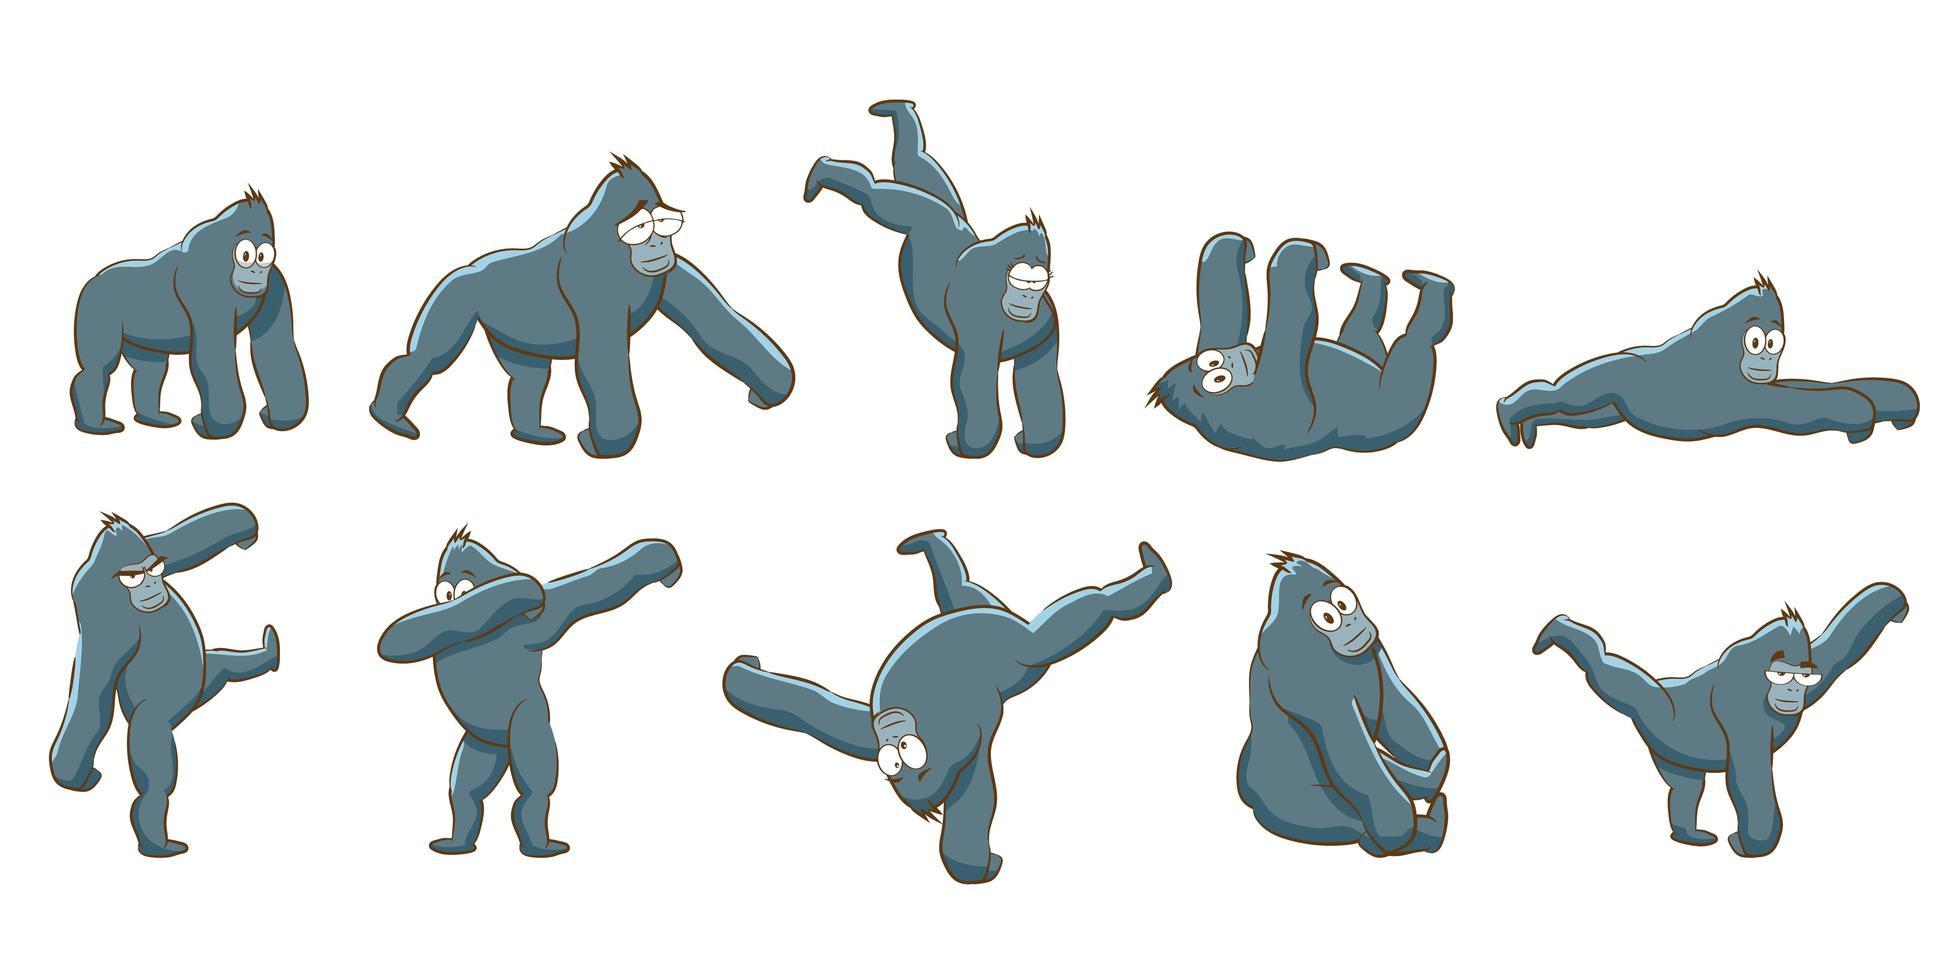 ensemble de gorilles de dessin animé vecteur